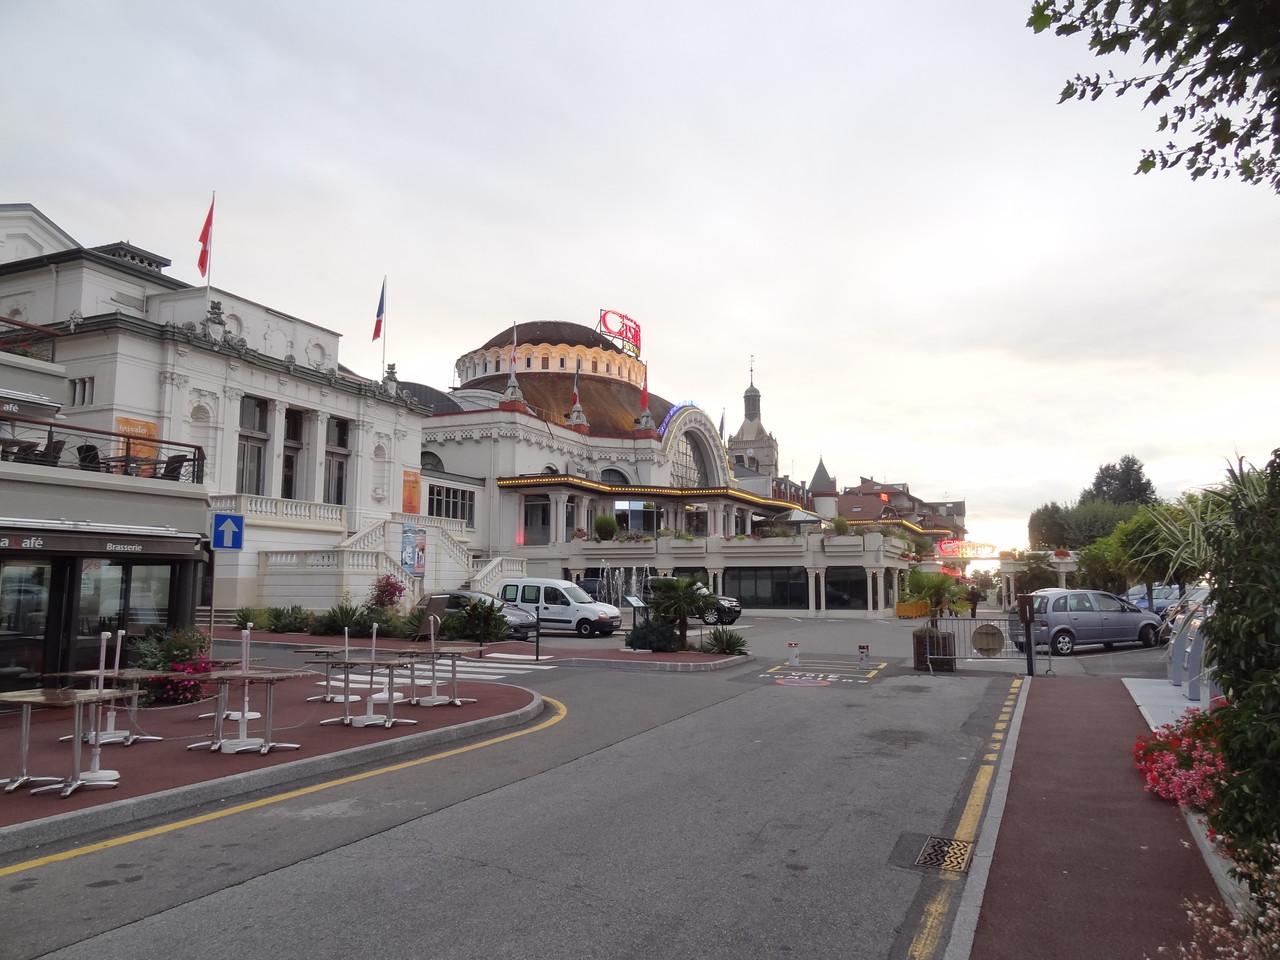 4. Halt für Übernachtung in Evian-les-Bains